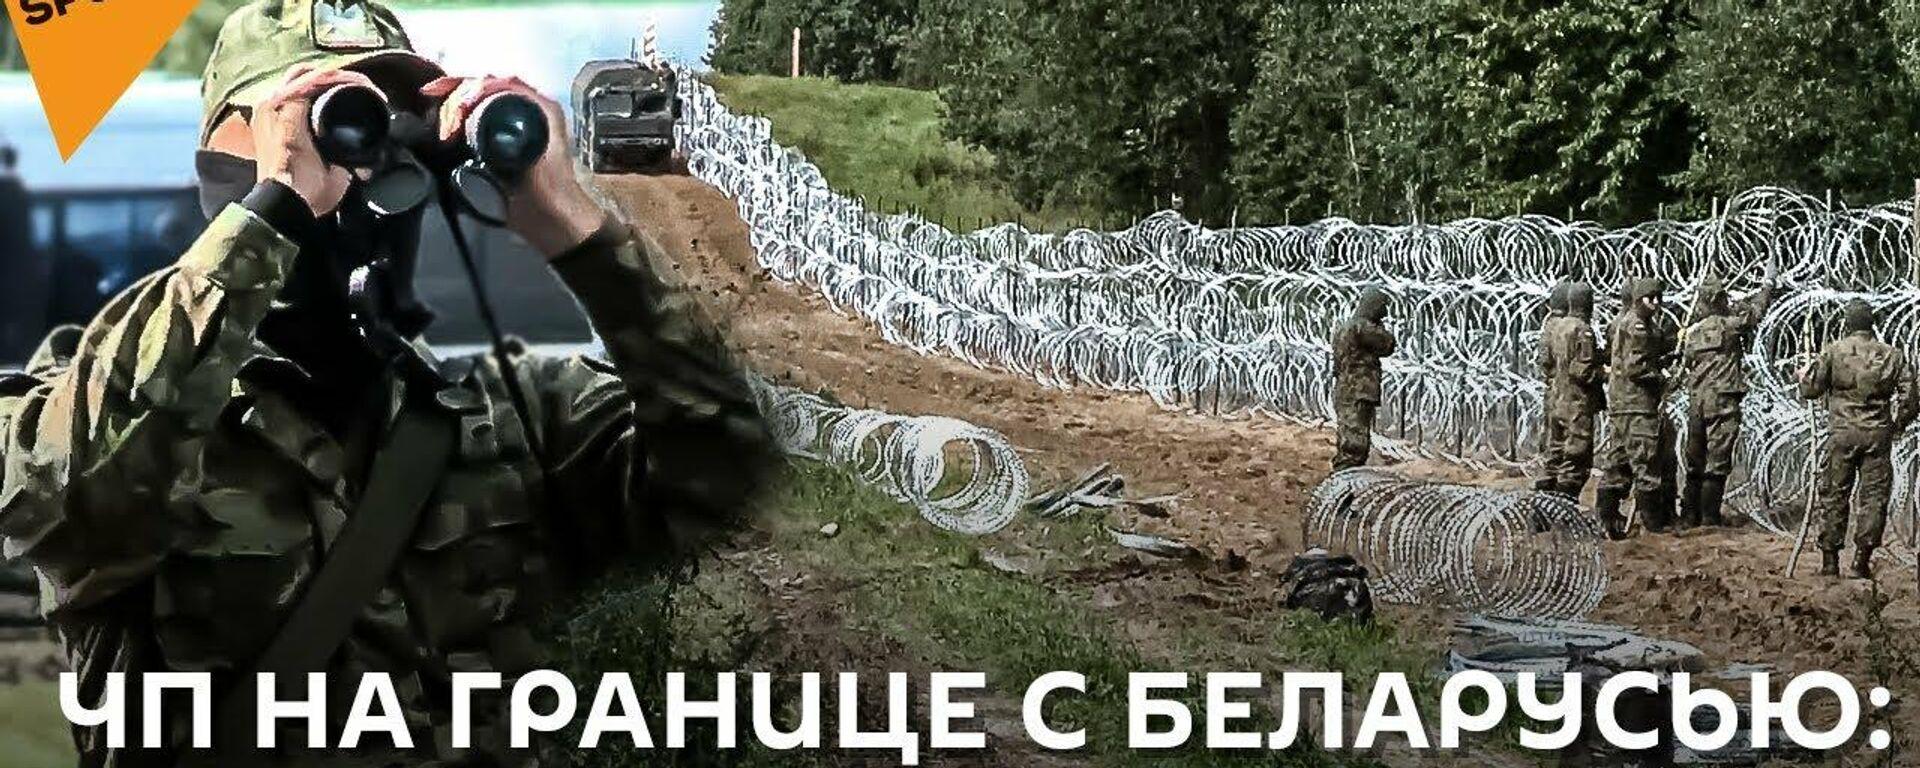 Ārkārtējās situācijas ieviešana uz robežas ar Baltkrieviju: Polija gatavojas - Sputnik Latvija, 1920, 03.09.2021